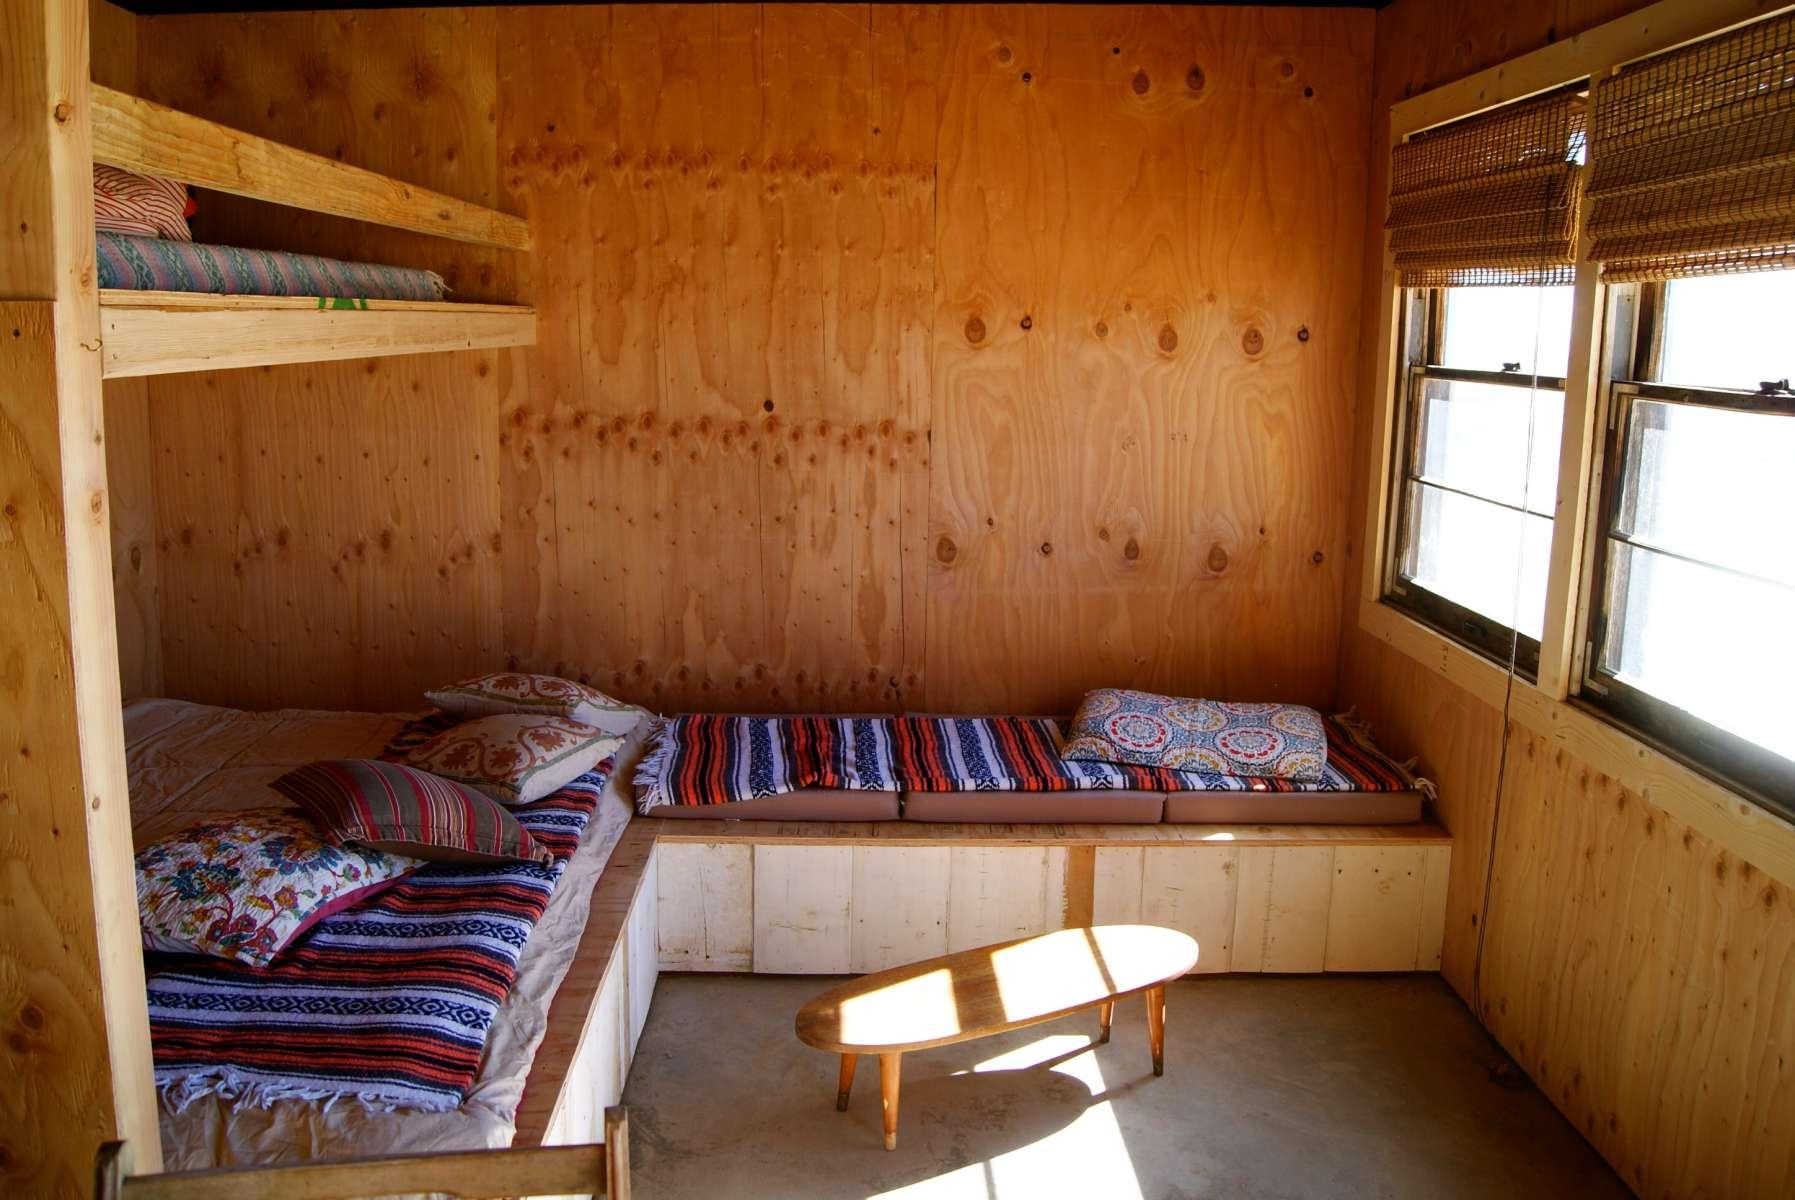 Camp Cabin Coyote Valley Homestead Ca 2 Hipcamper